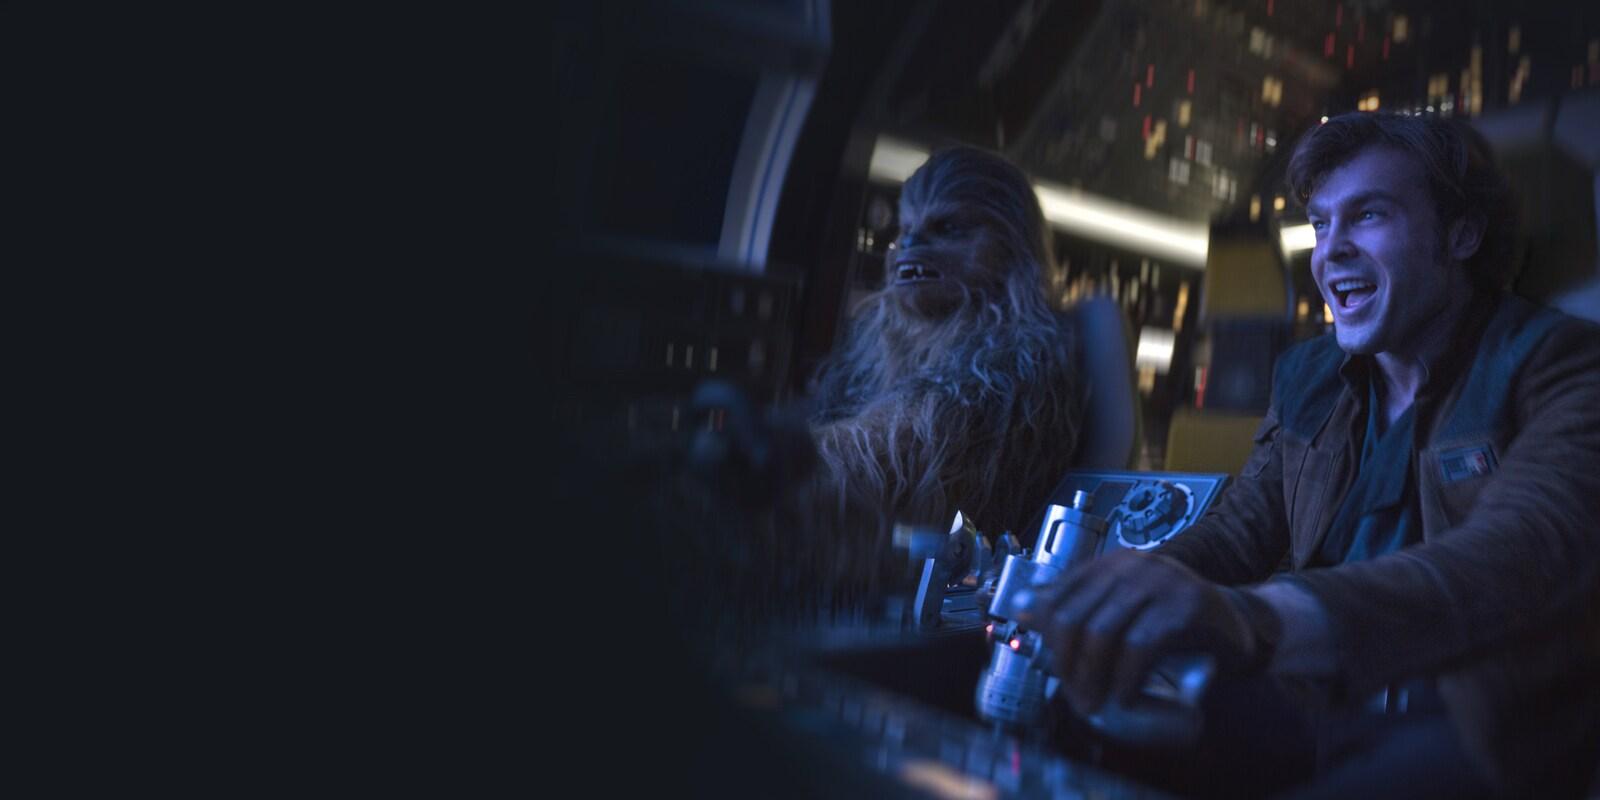 סולו: סיפור מלחמת הכוכבים | Movie Synopsis